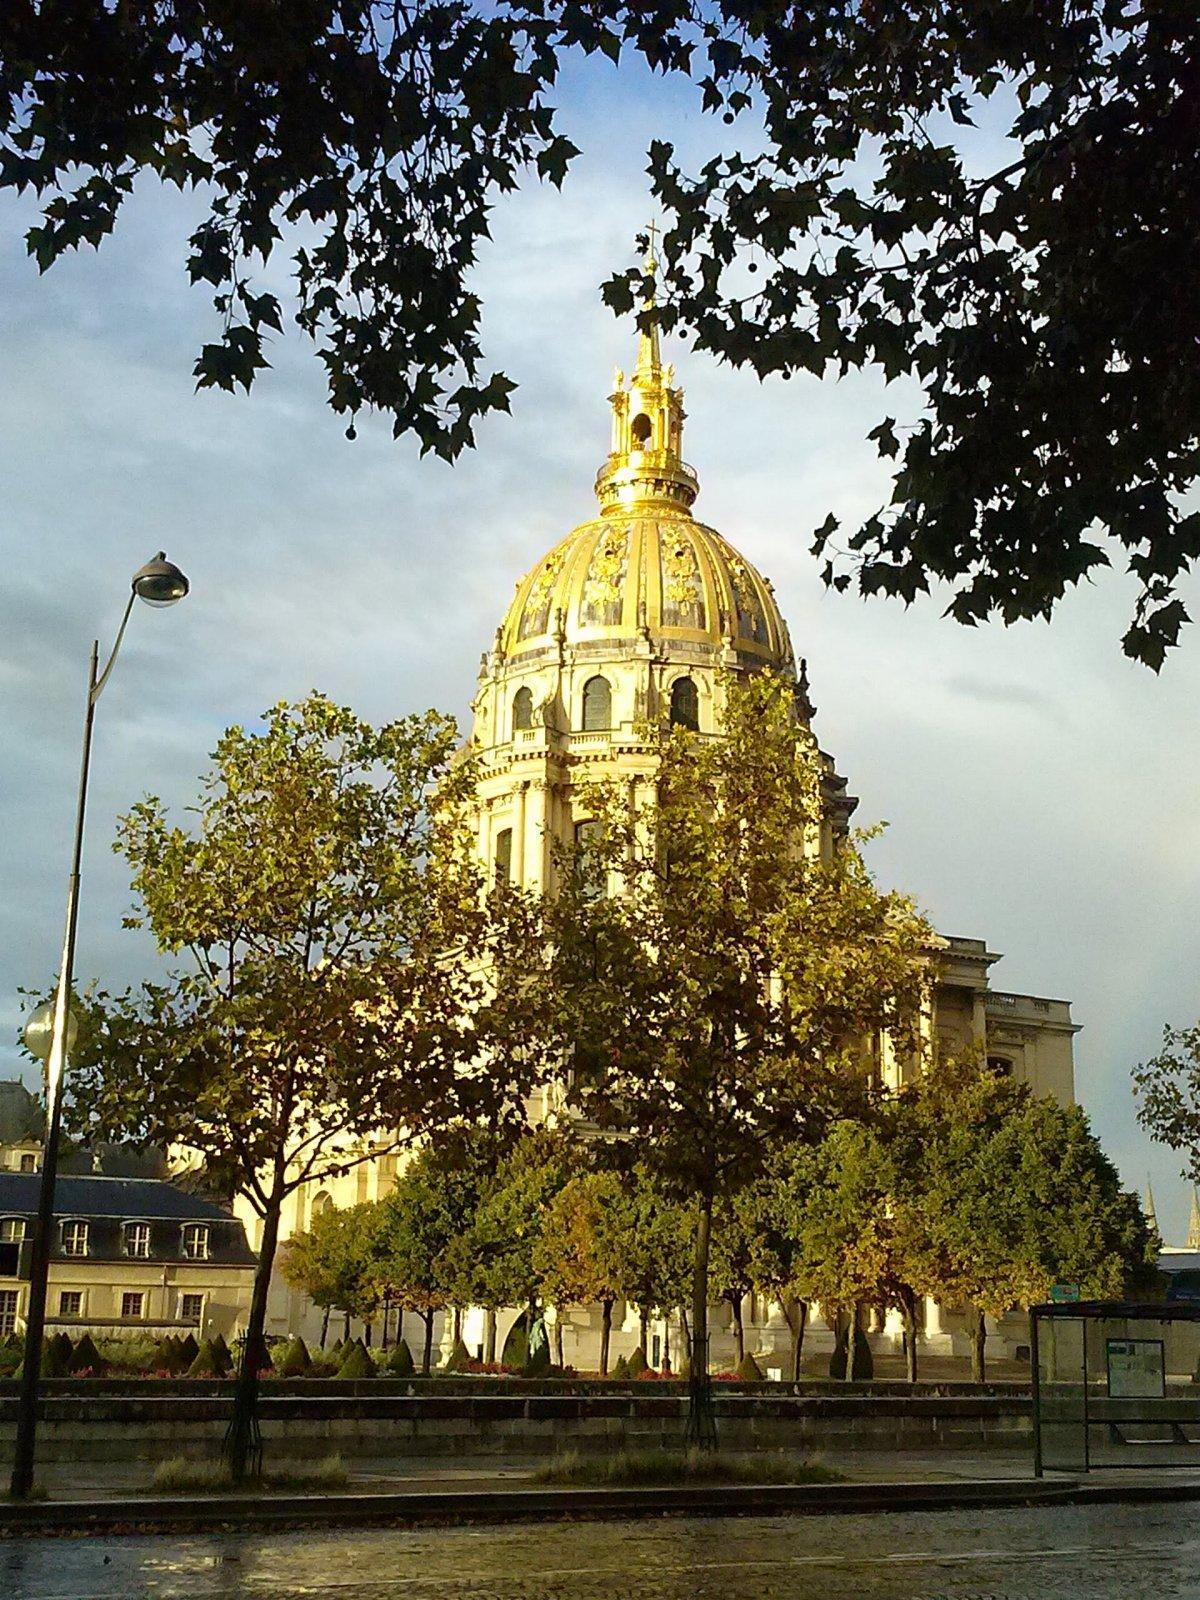 Обзорная экскурсия по Парижу (автомобильно-пешая)